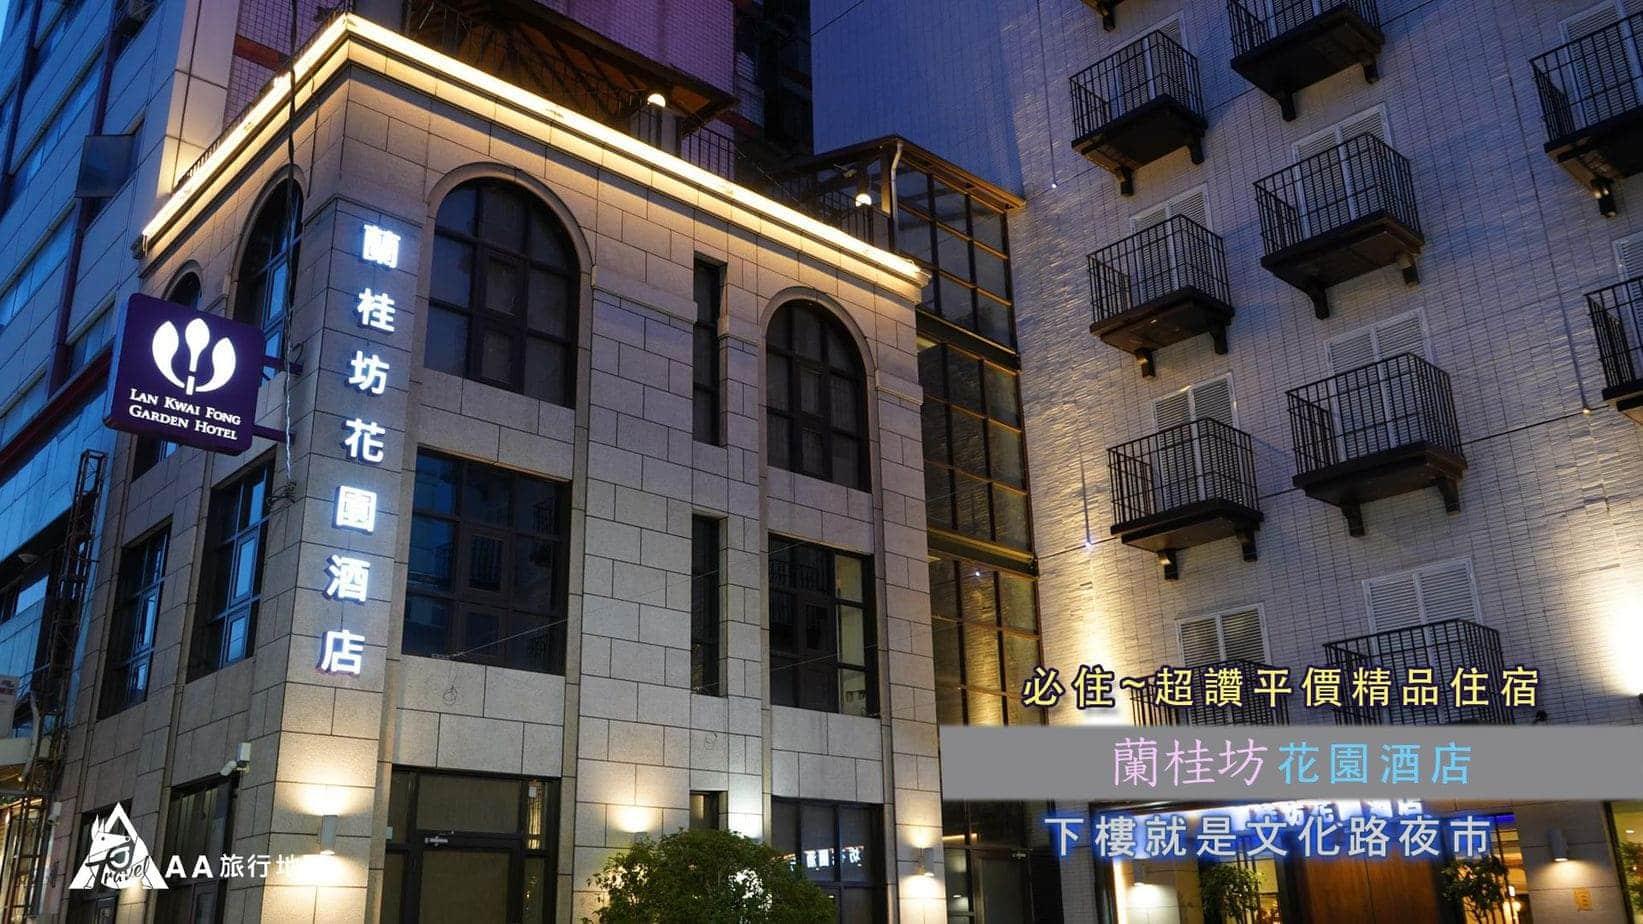 蘭桂坊花園酒店 精選圖片